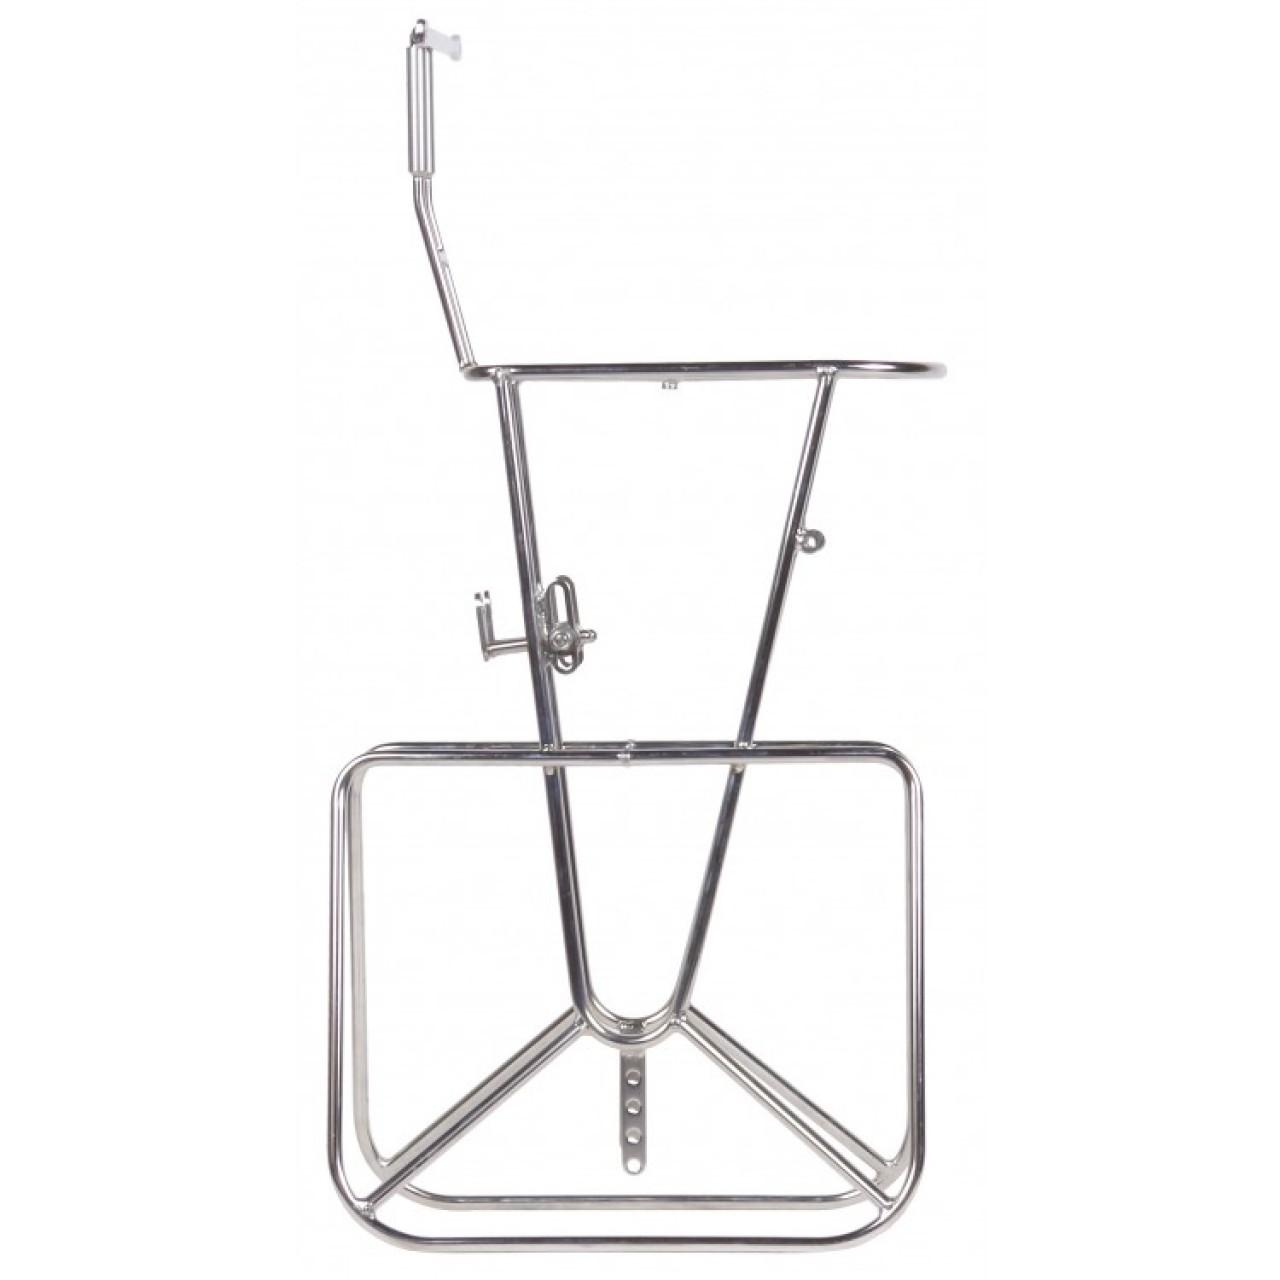 velo orange campeur front rack 209 90. Black Bedroom Furniture Sets. Home Design Ideas